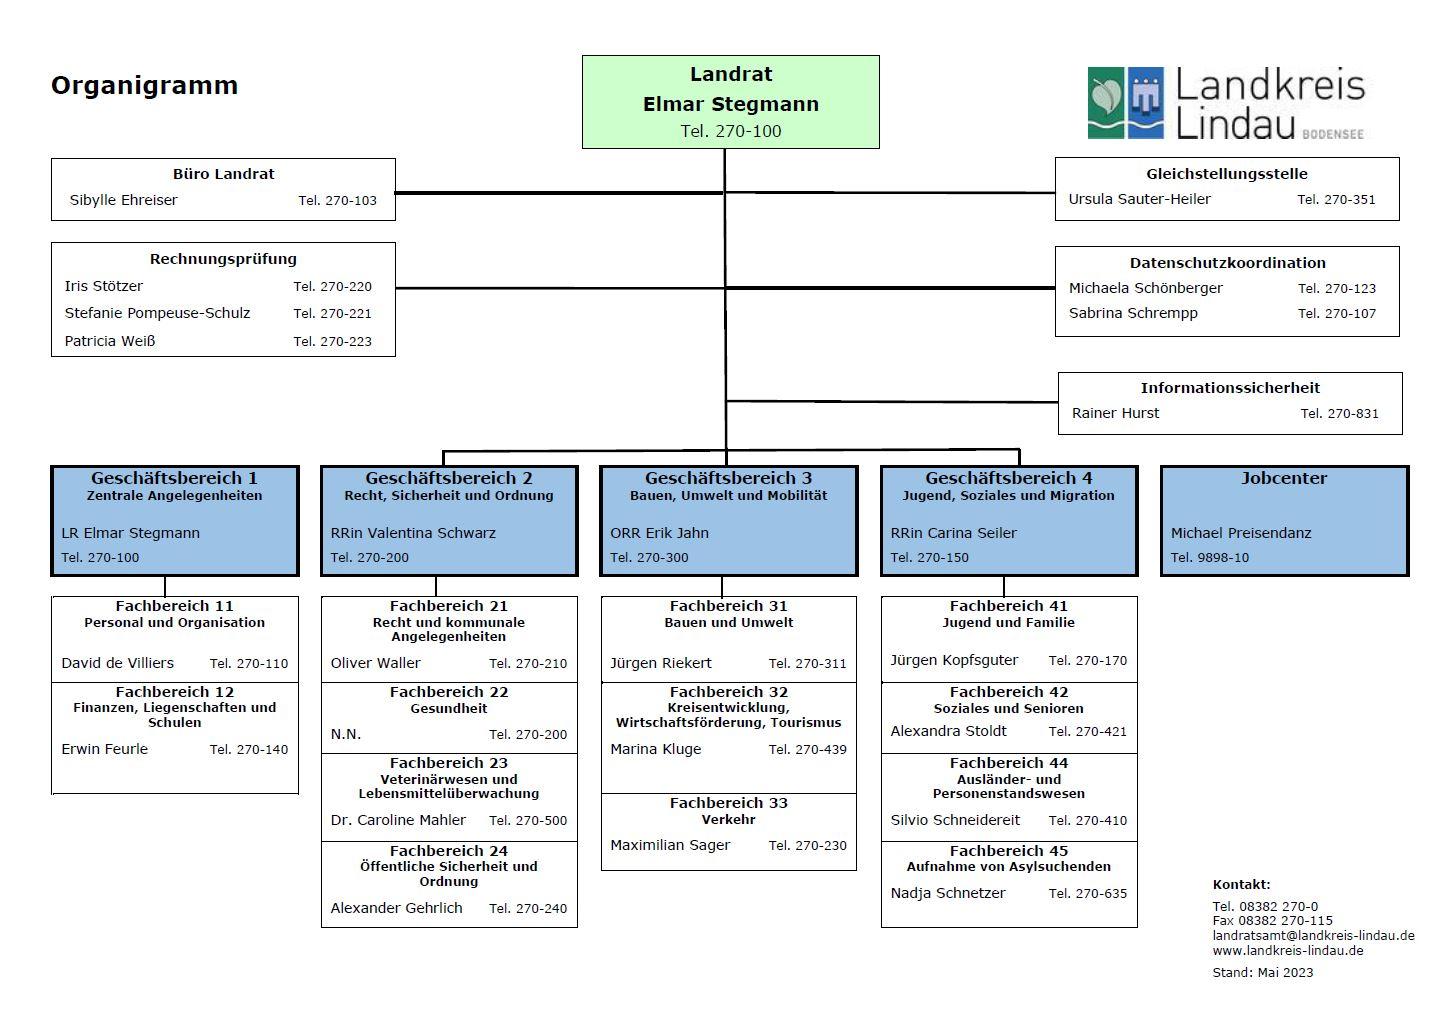 Bild vergrößern: Organigramm des Landratsamtes Lindau (Bodensee)Organigramm des Landratsamtes Lindau (Bodensee)